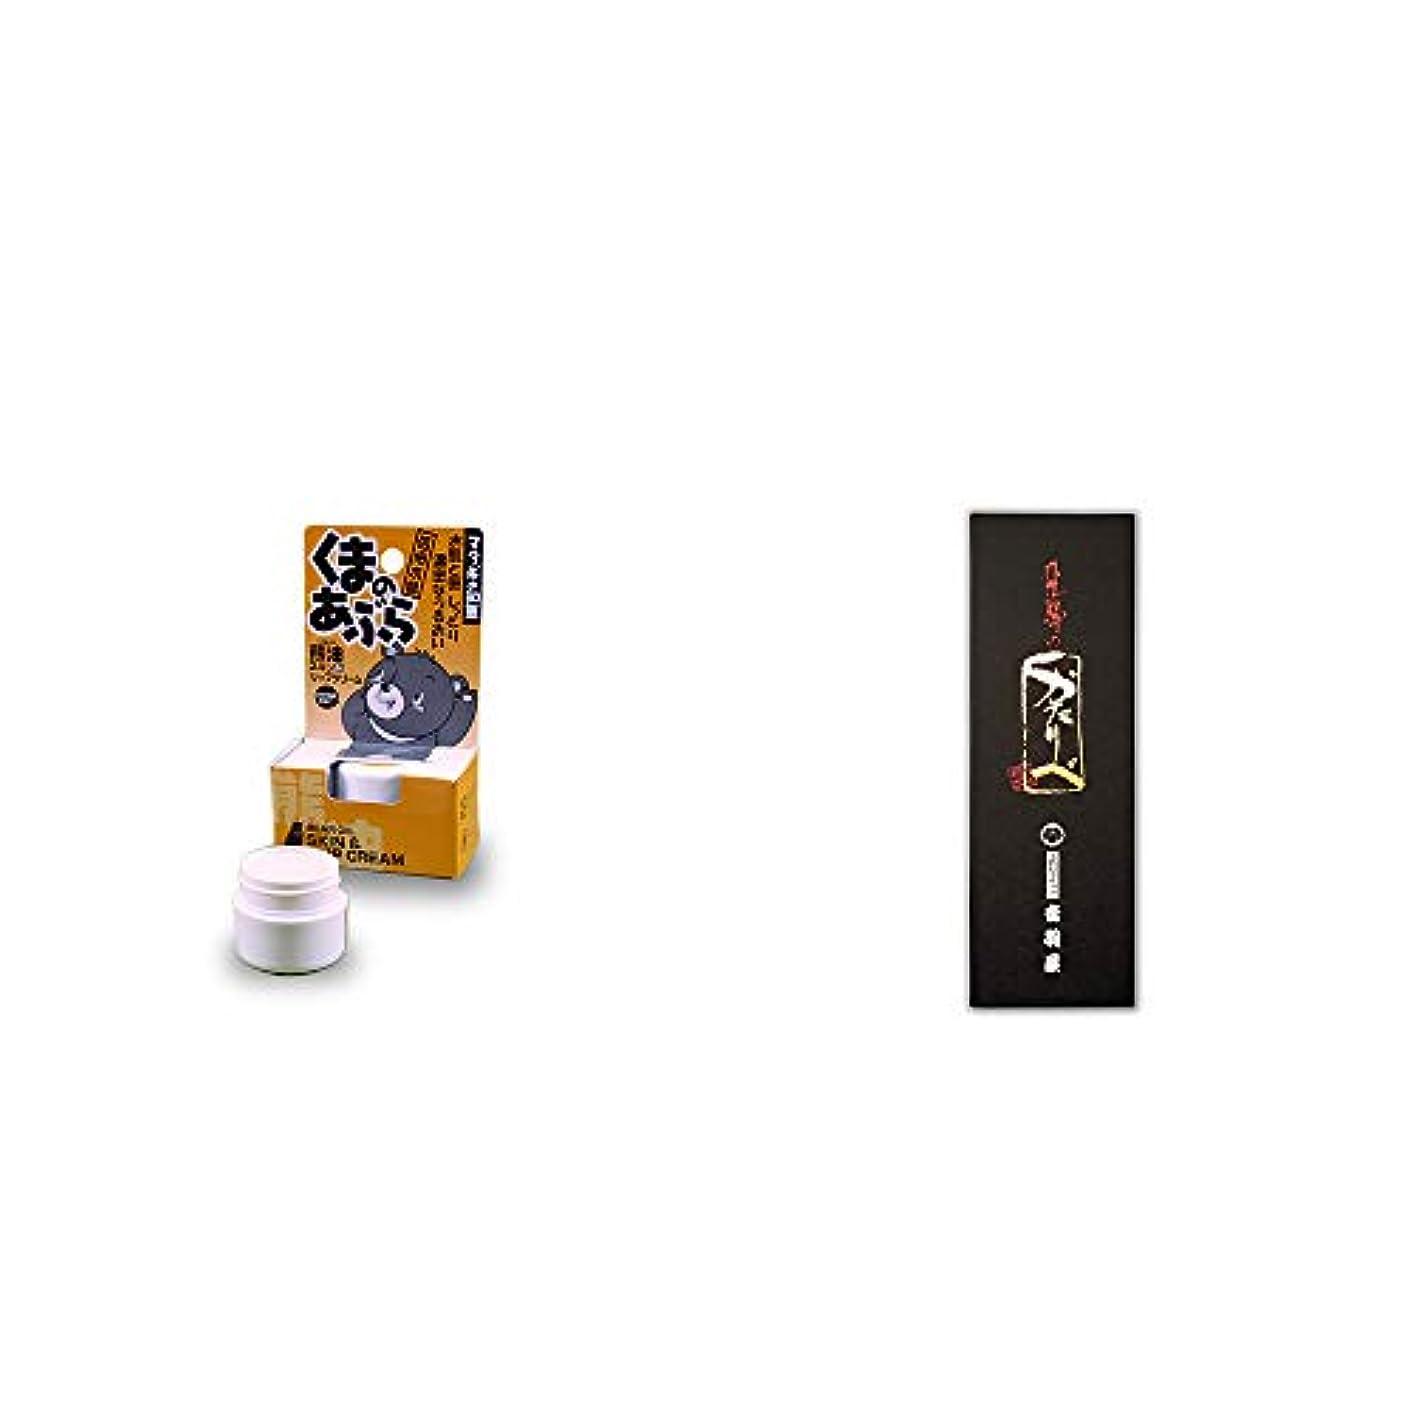 [2点セット] 信州木曽 くまのあぶら 熊油スキン&リップクリーム(9g)?岐阜銘菓 音羽屋 飛騨のかたりべ[6個入]